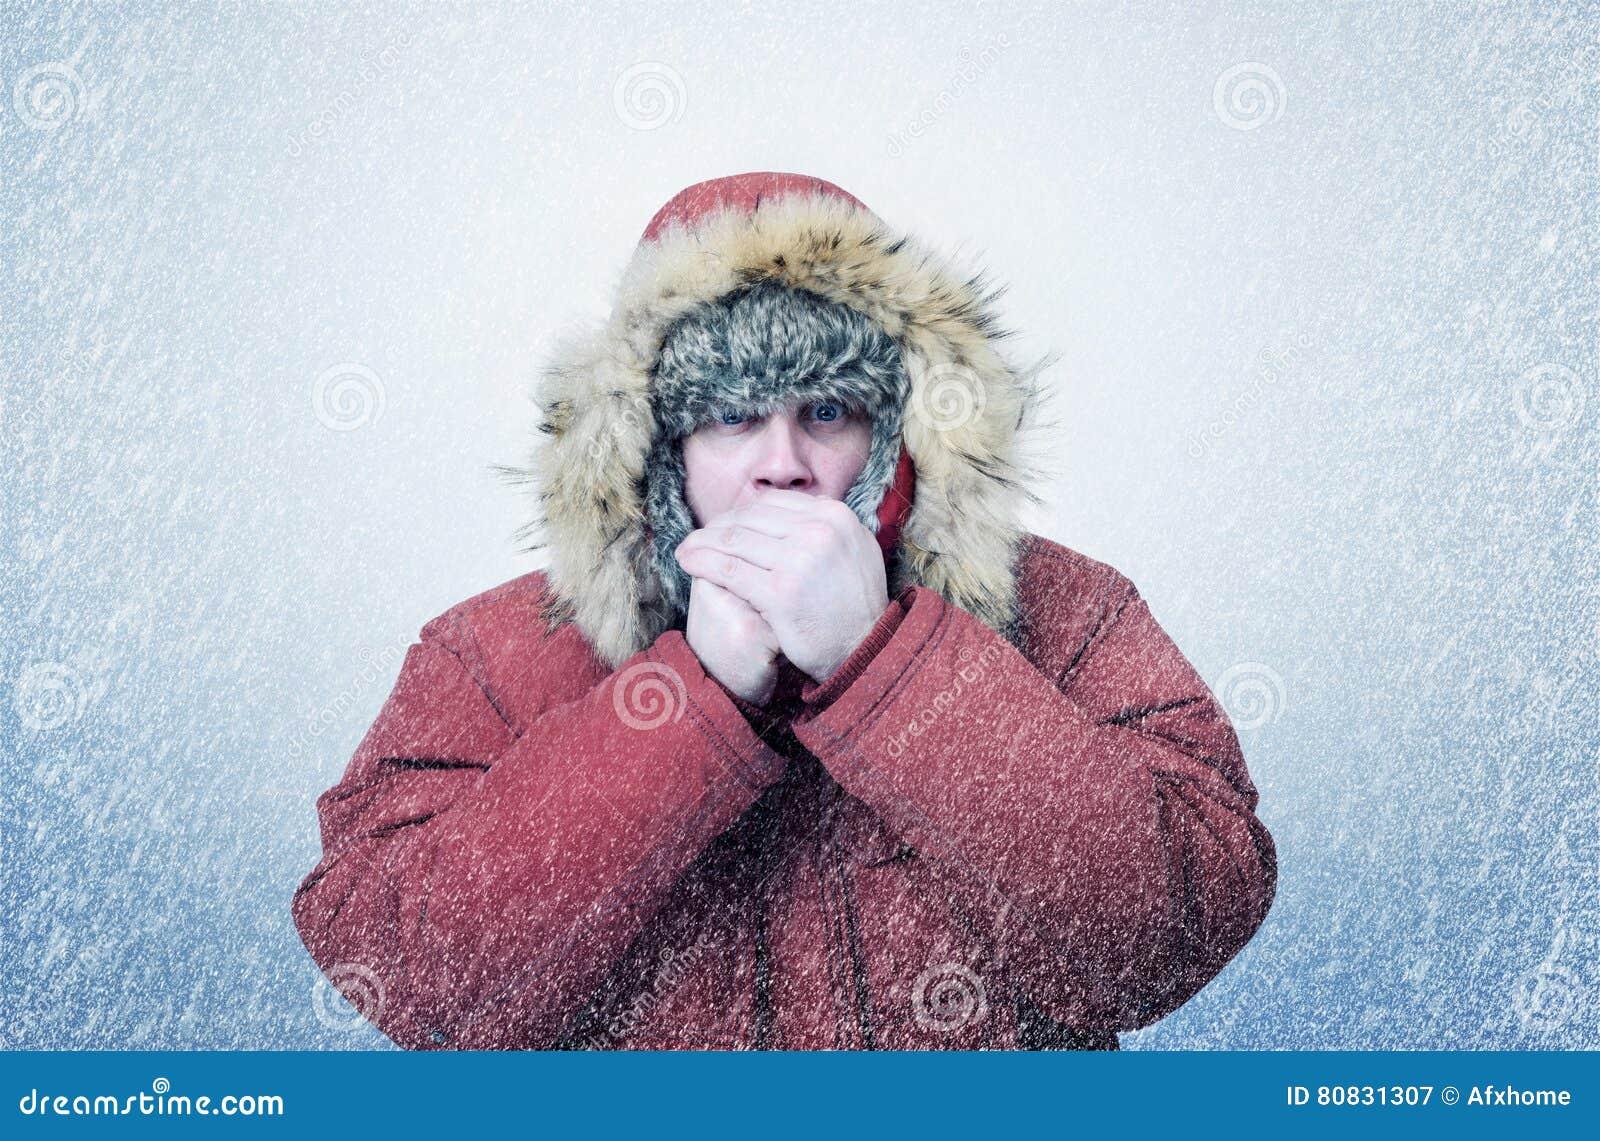 L homme congelé en hiver vêtx les mains de chauffage, froid, neige, tempête de neige